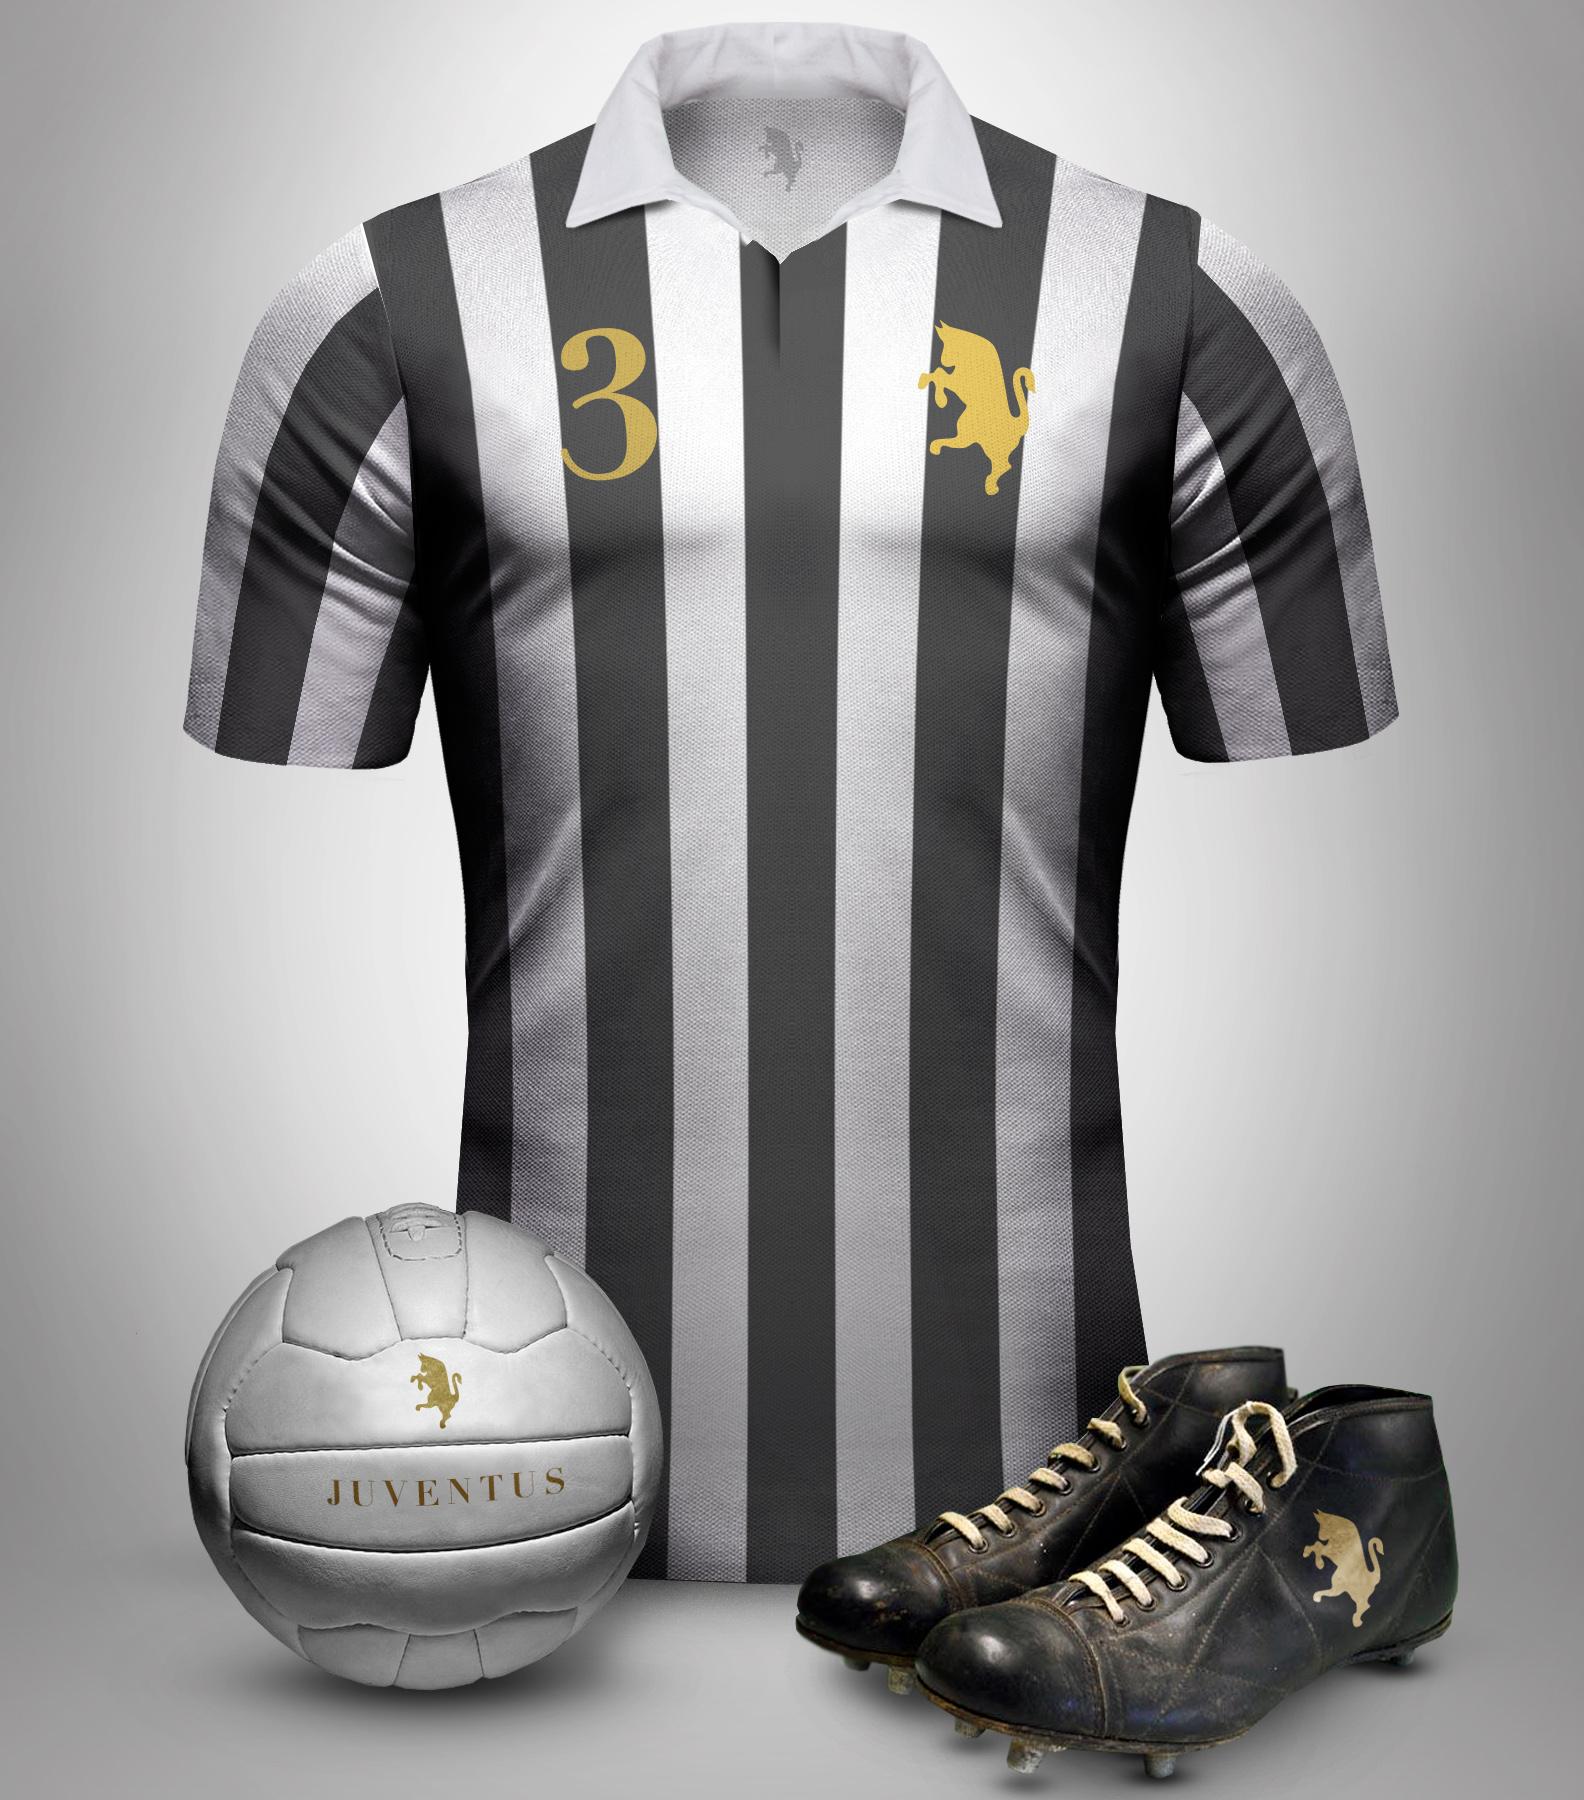 Juventus Vintage Kits